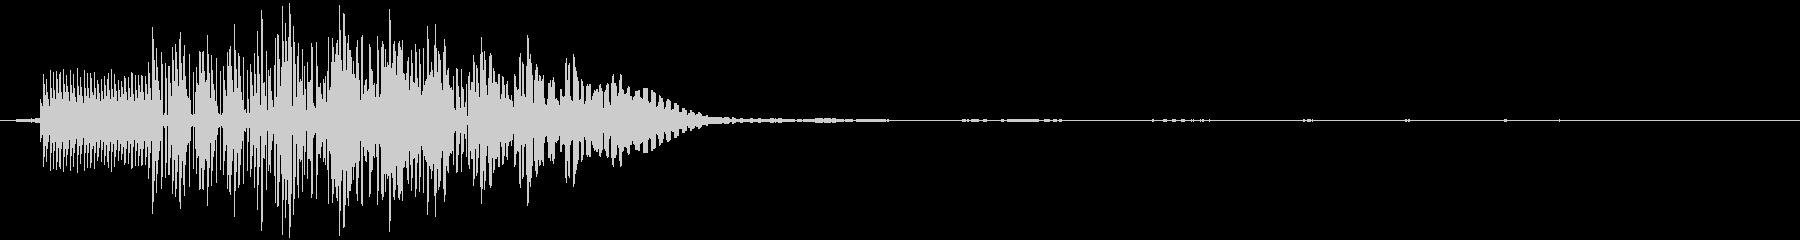 ポロリ(決定、ゲーム)の未再生の波形